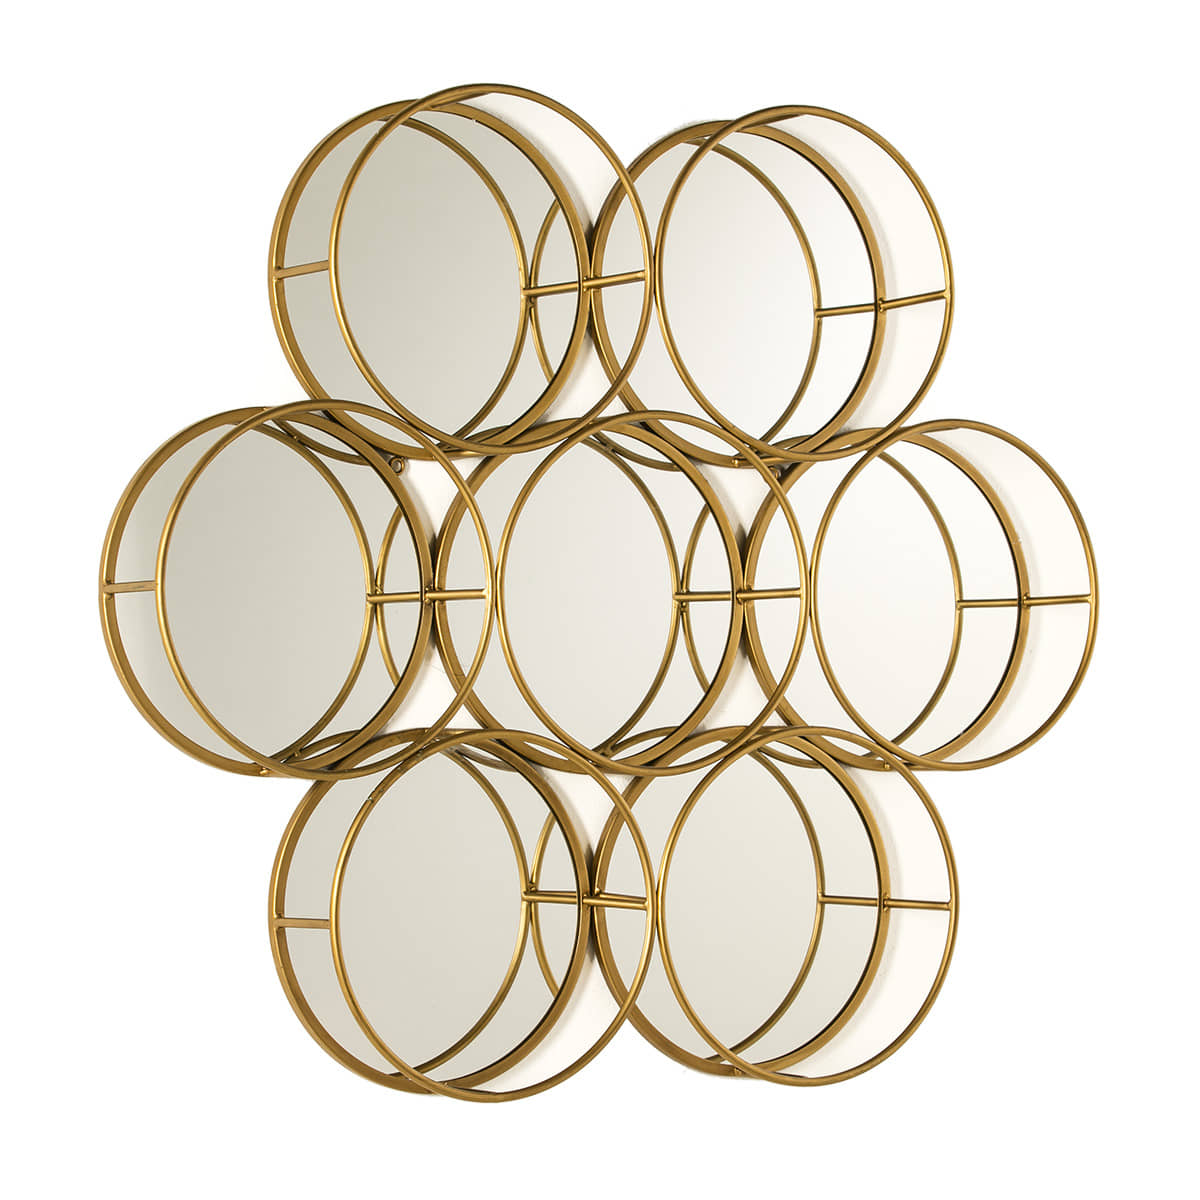 escultura-pared-dorado-diseño-compra-online